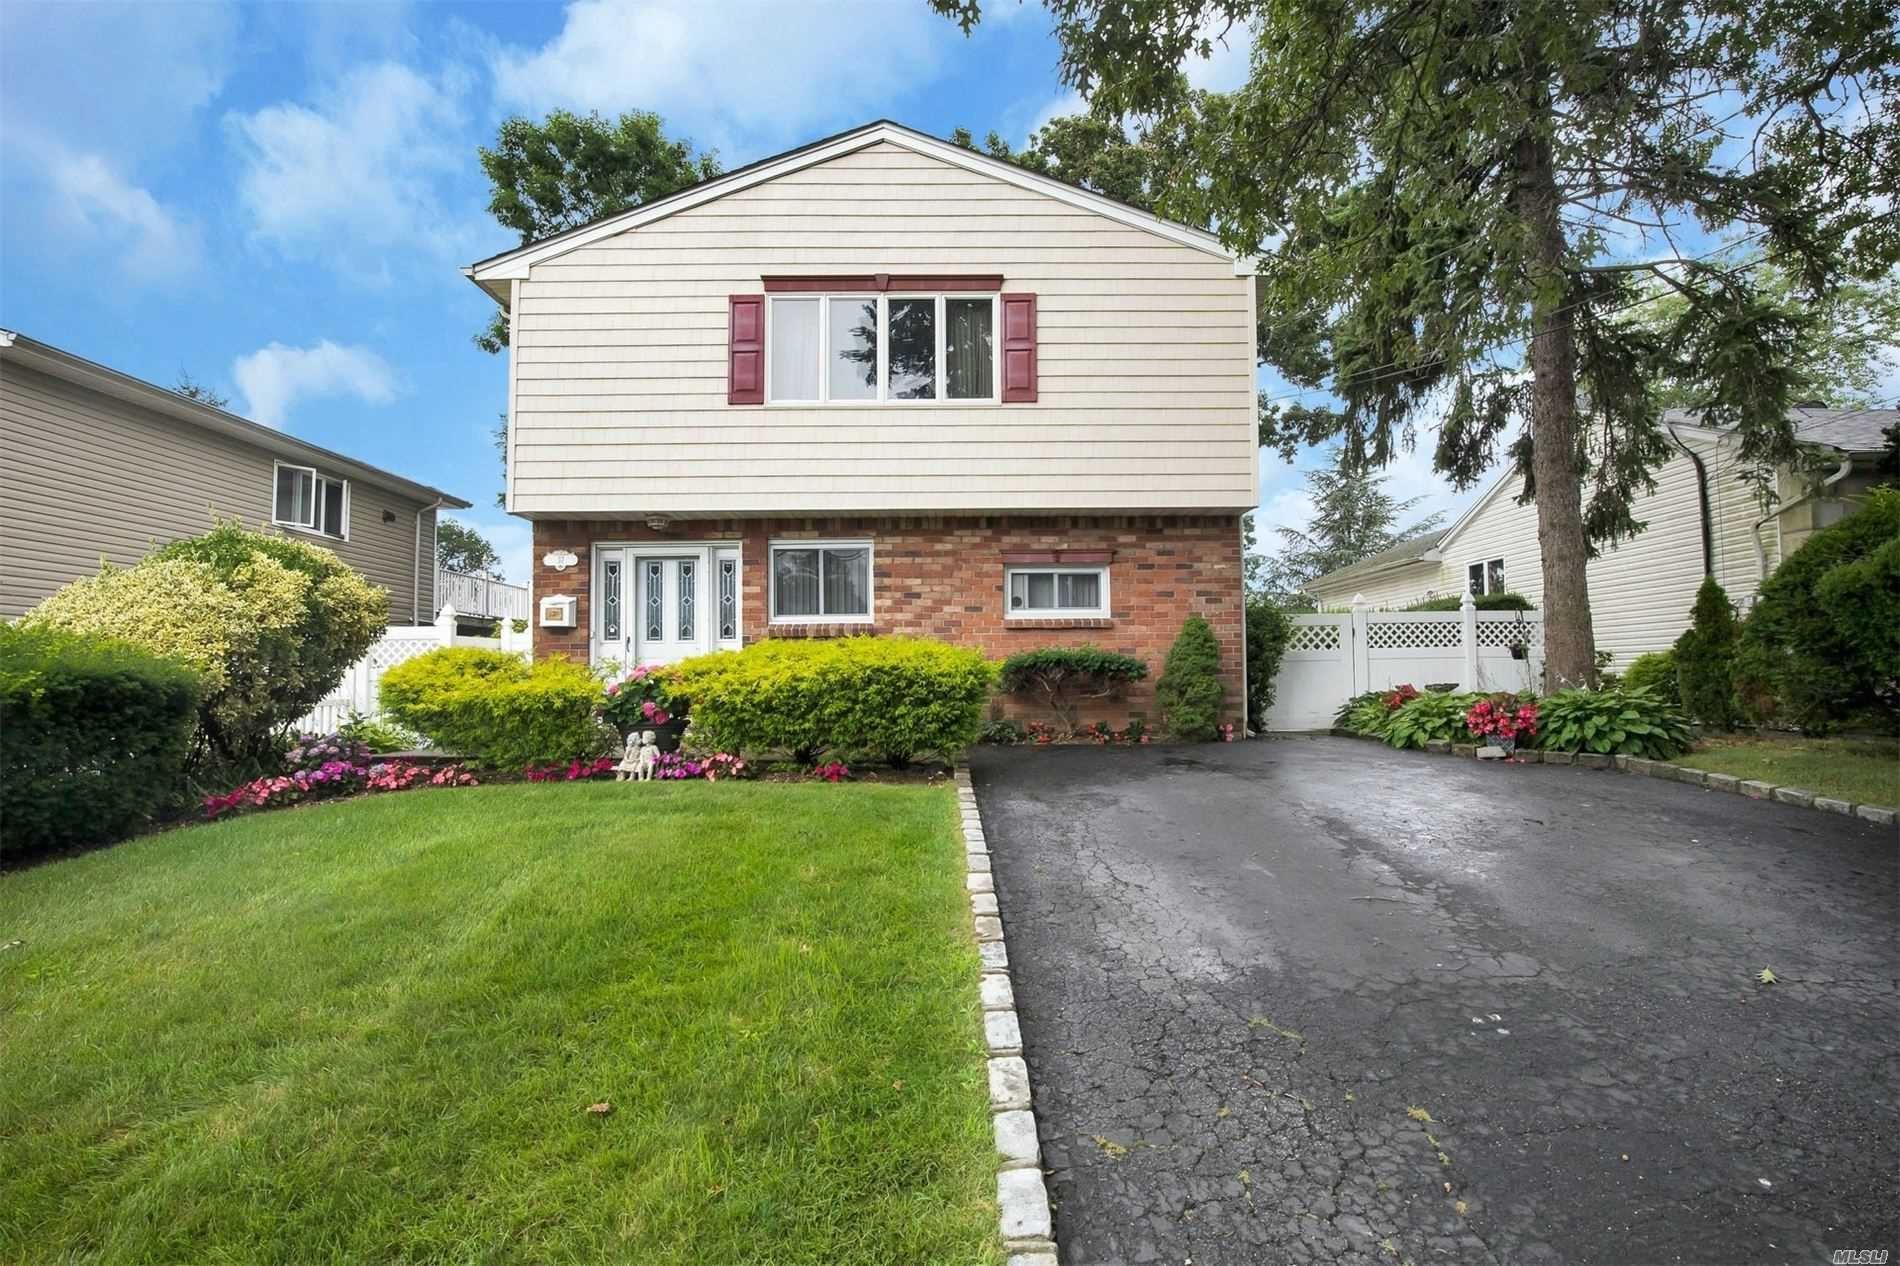 37 Oxford St, Lindenhurst, NY 11757 - MLS#: 3238369